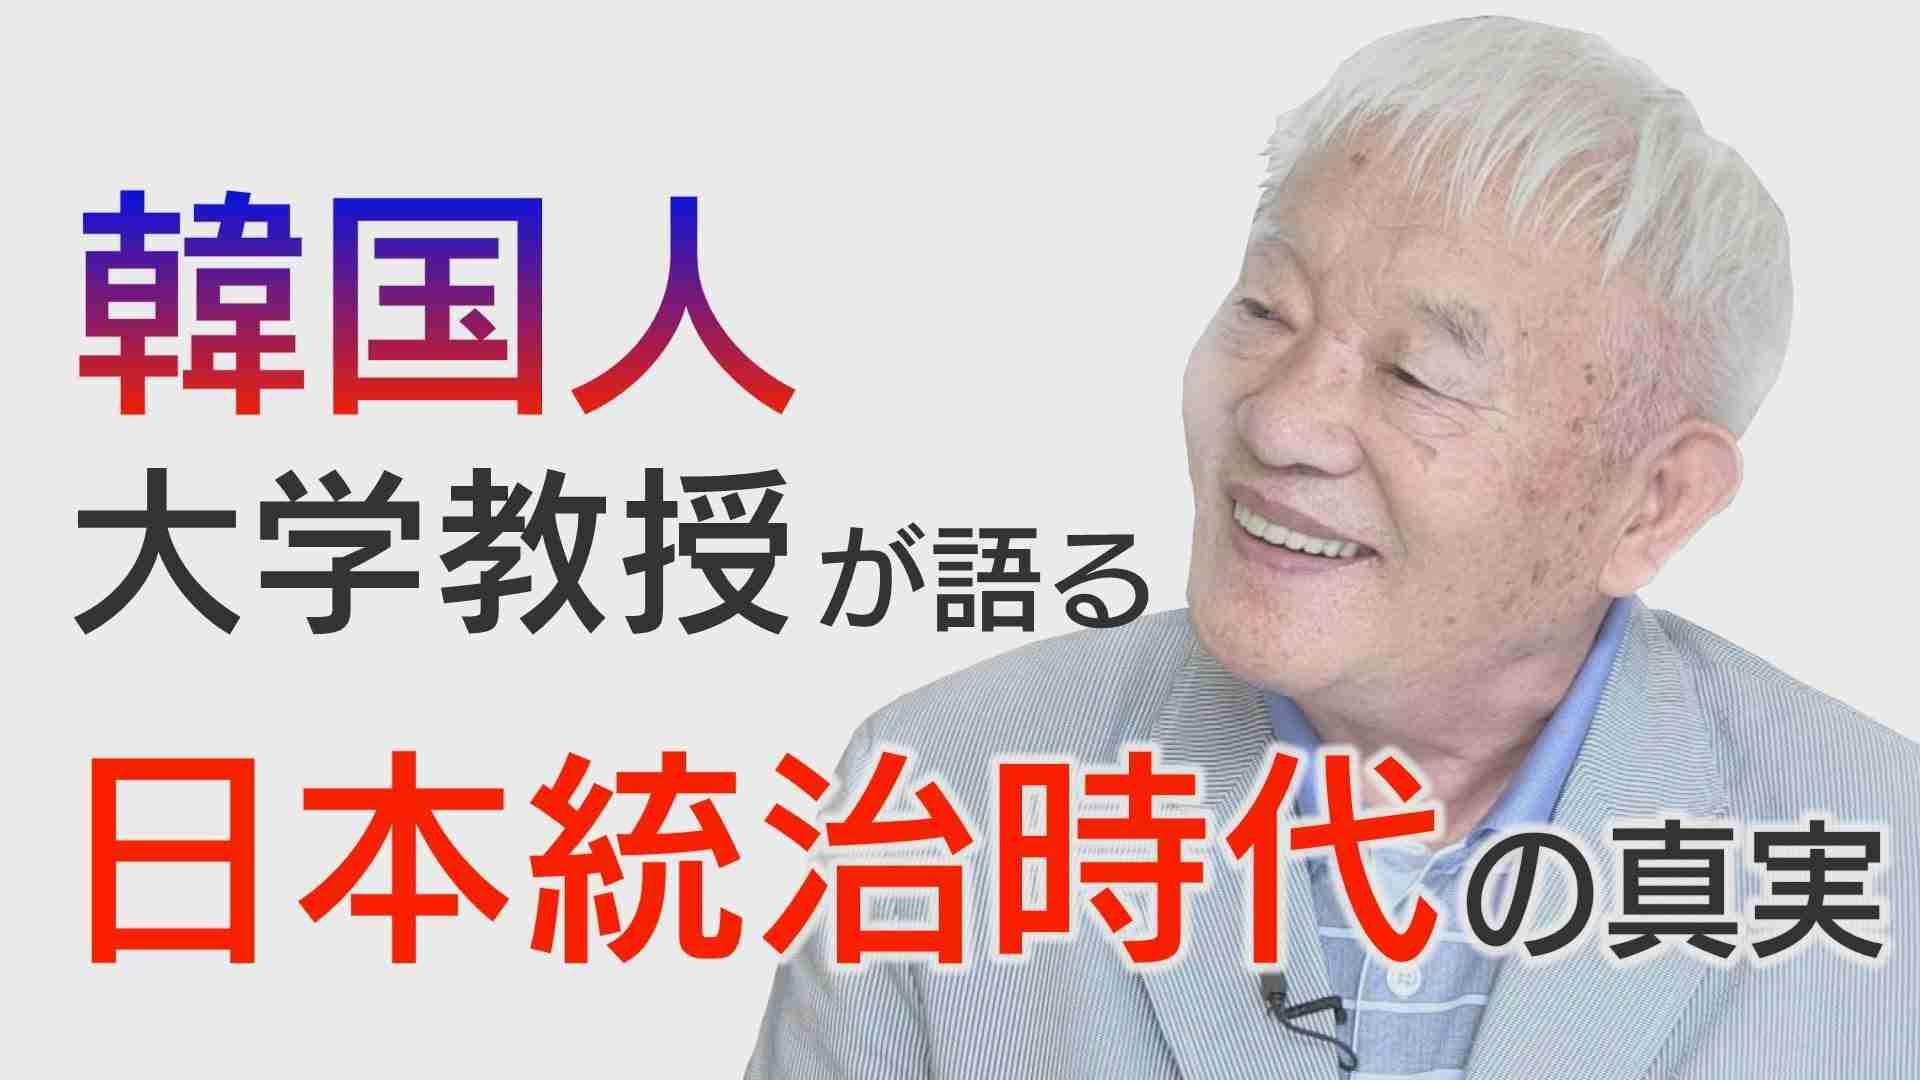 【重要証言】 「日本に感謝しています」~韓国人大学教授が語る日本統治時代の真実【ザ・ファクト】 - YouTube